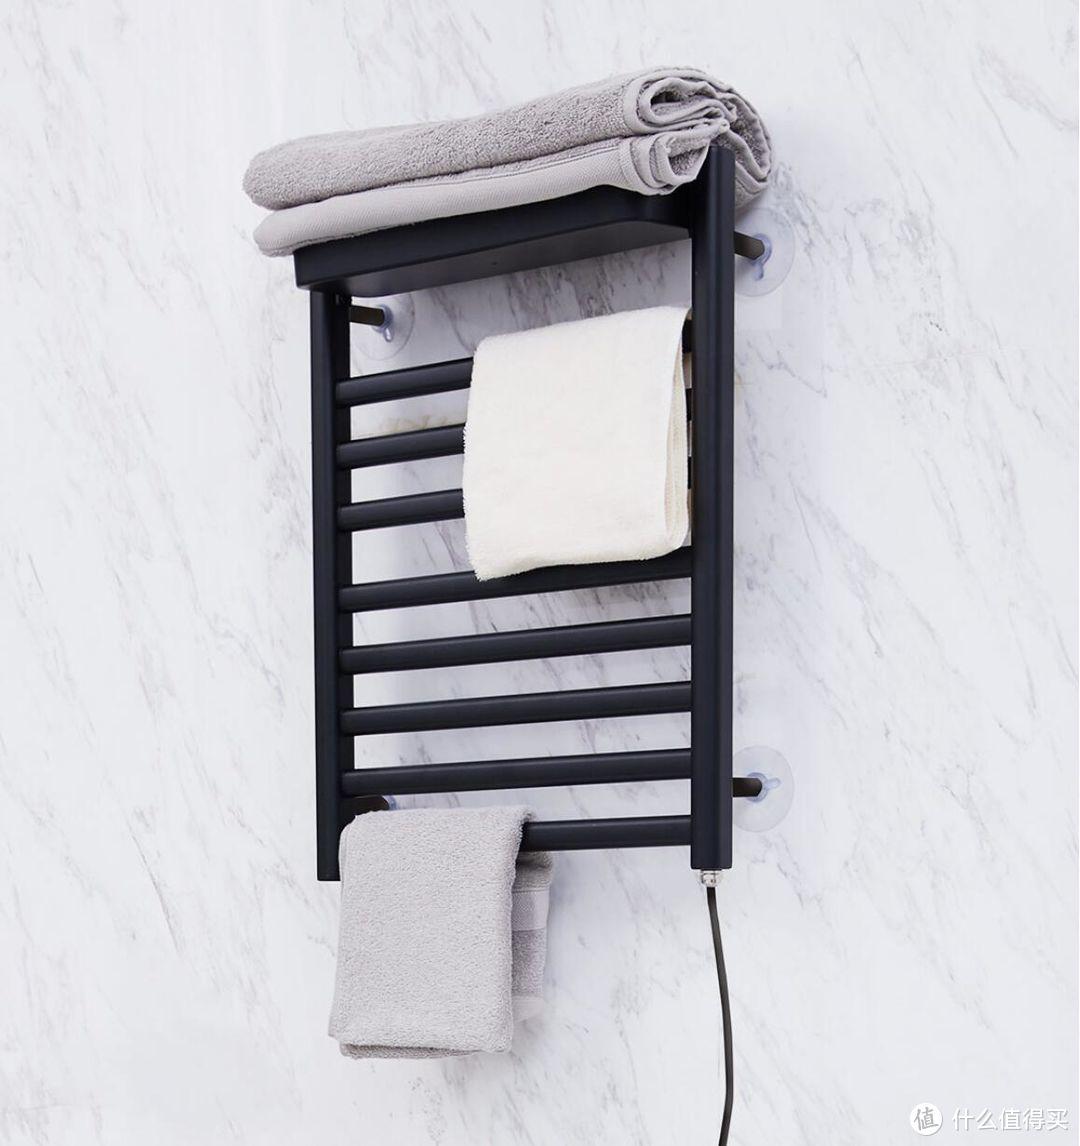 免打孔安装,干燥毛巾好健康,邦先生电热烘干毛巾架体验